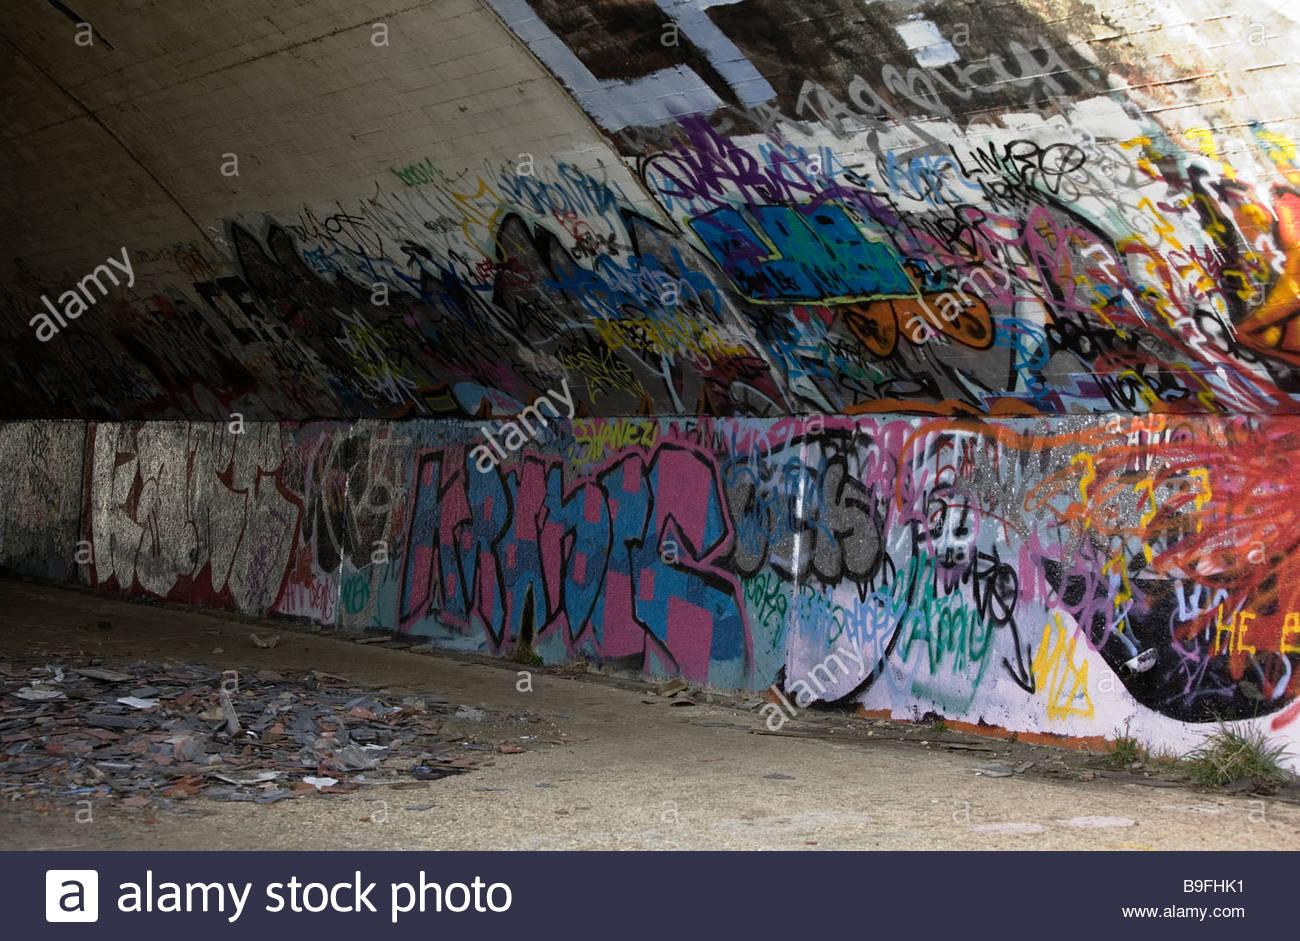 Graffiti wall uk - Stock Photo Graffiti On Wall Of Arches Etonwick Berkshire Uk